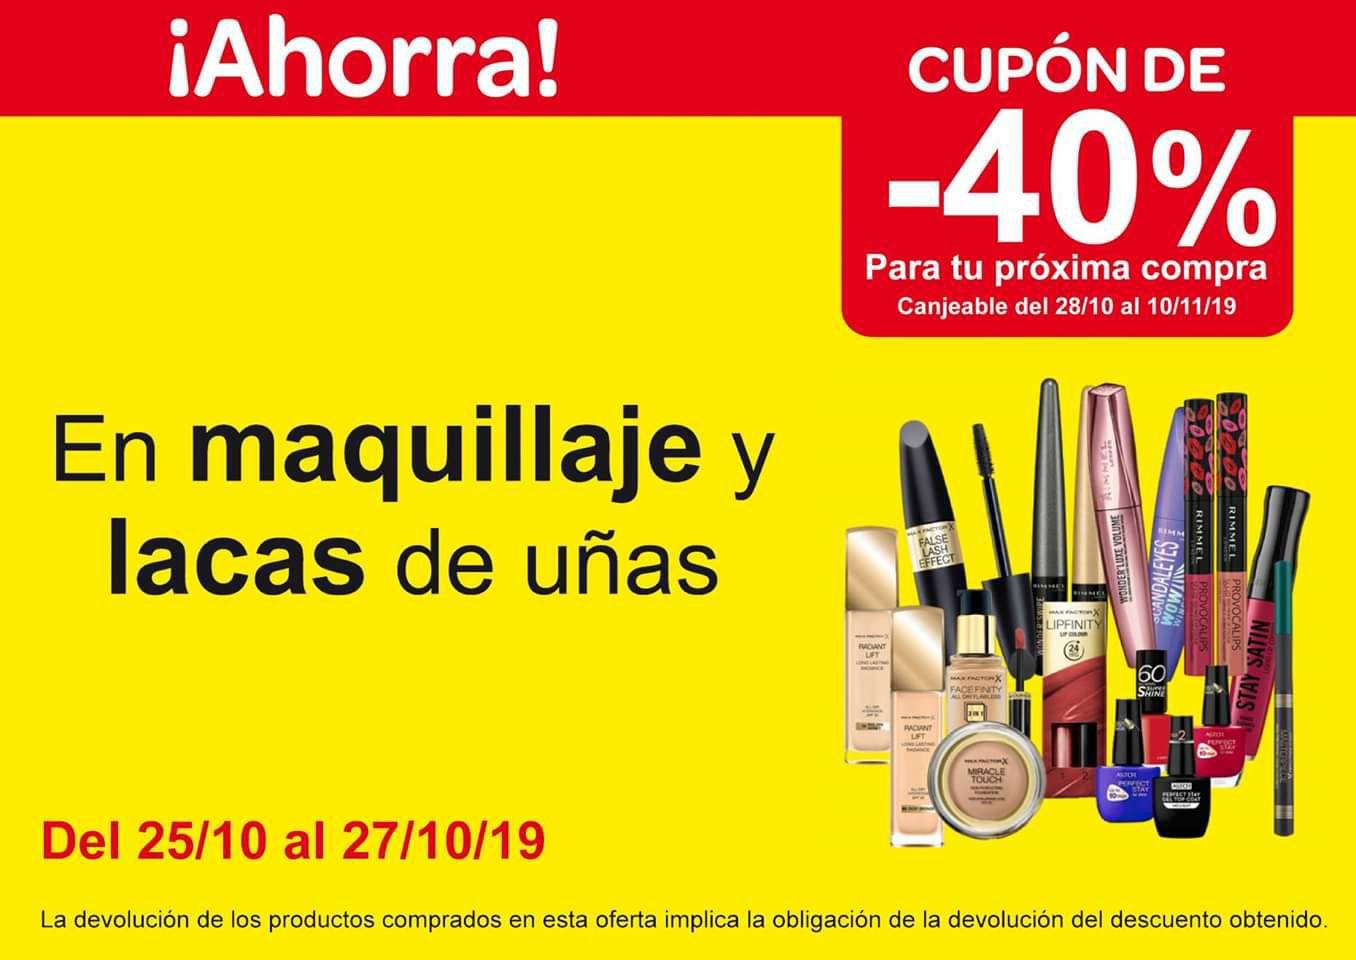 40% en maquillaje y lacas uñas en cupón carrefour